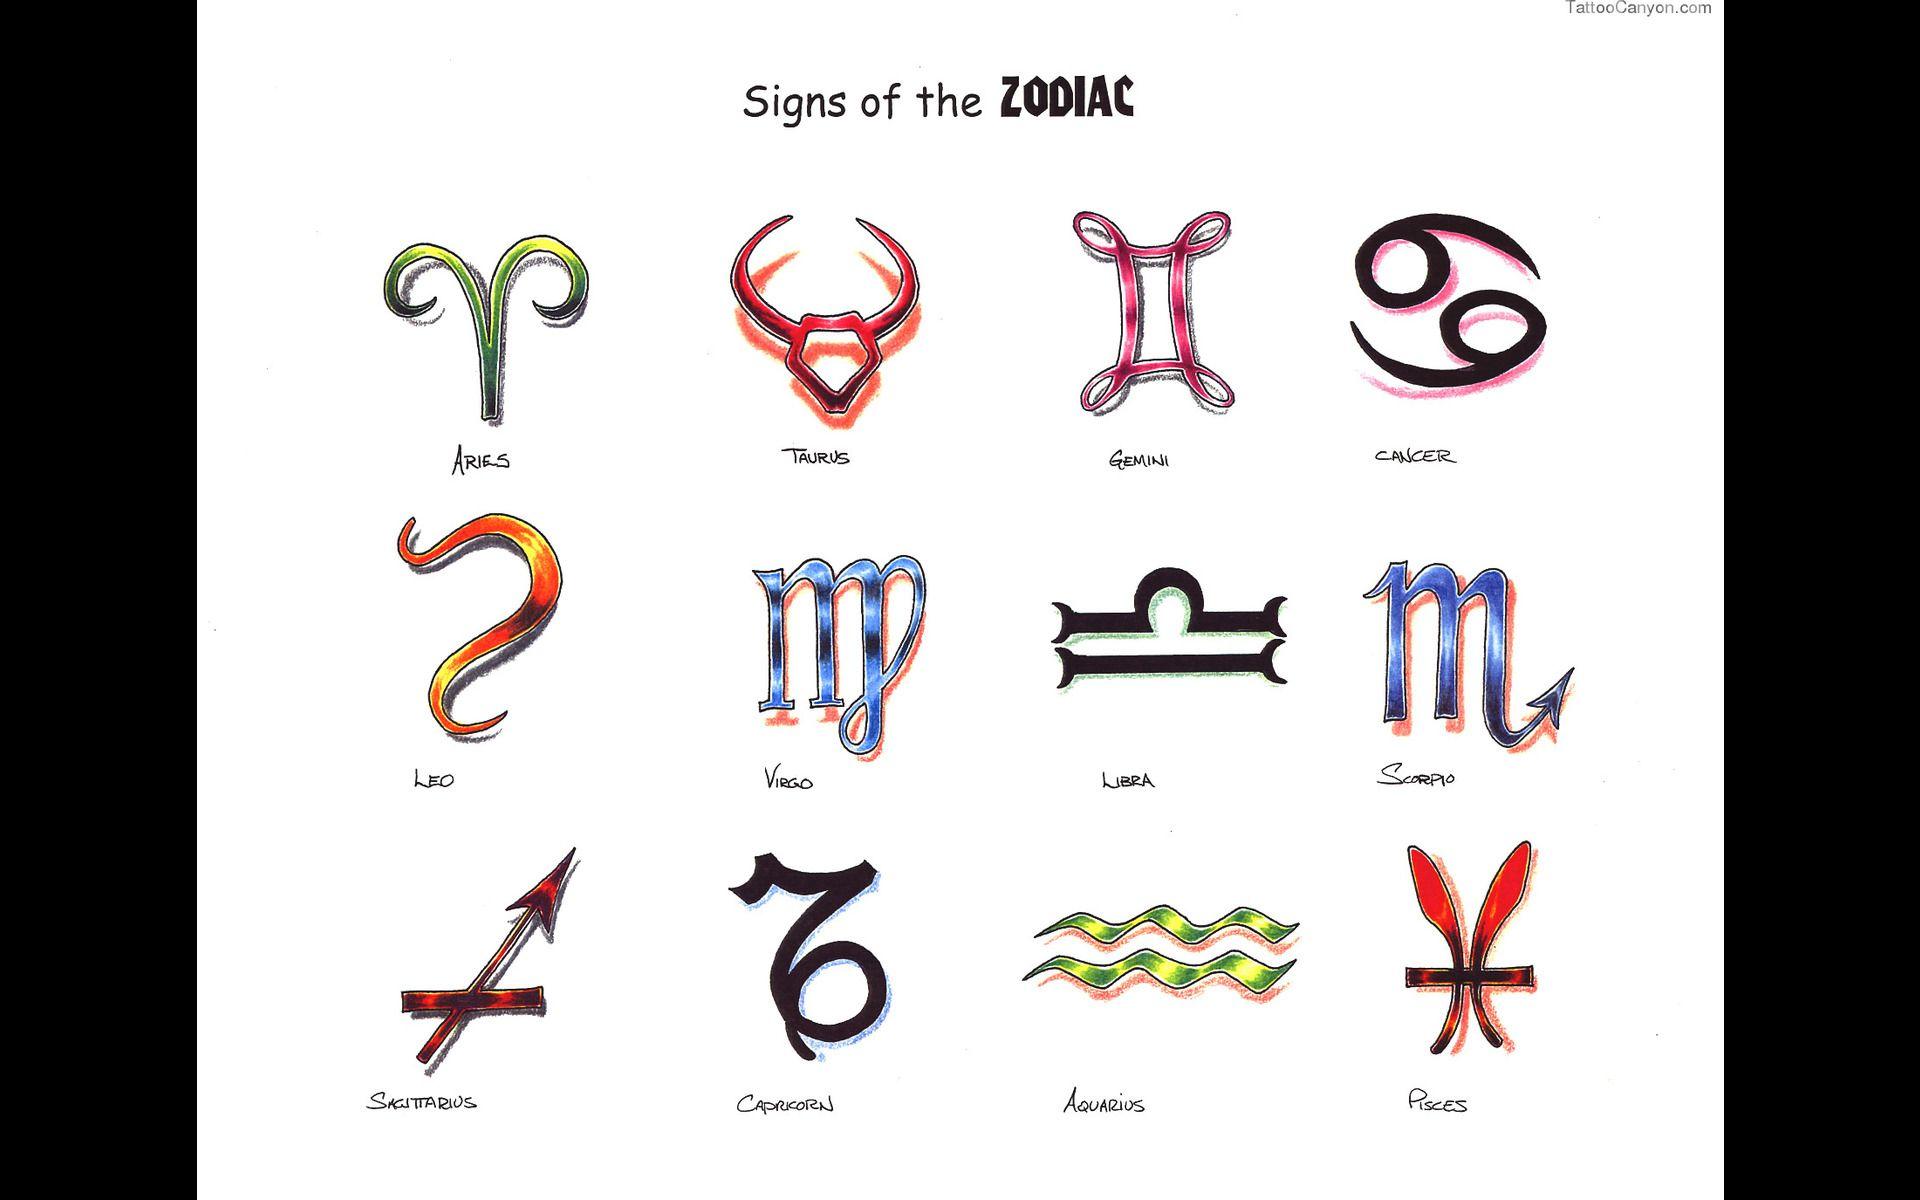 1918 Libra Zodiac Symbol Tattoos Tattoo Design 1920x1200g